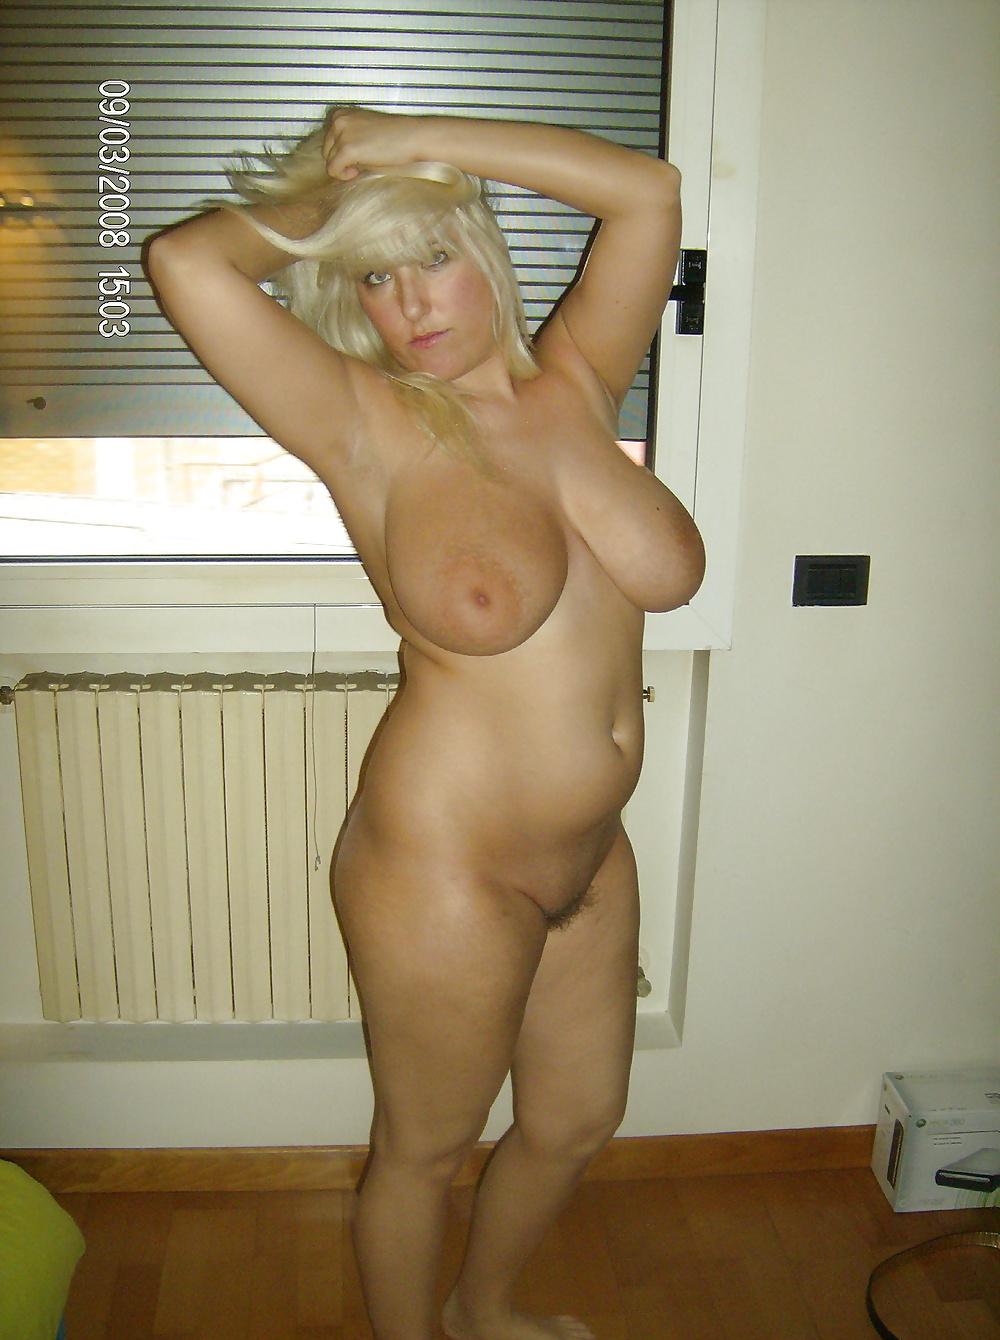 бабка дедом фото голых простых женщин в возрасте купальники были